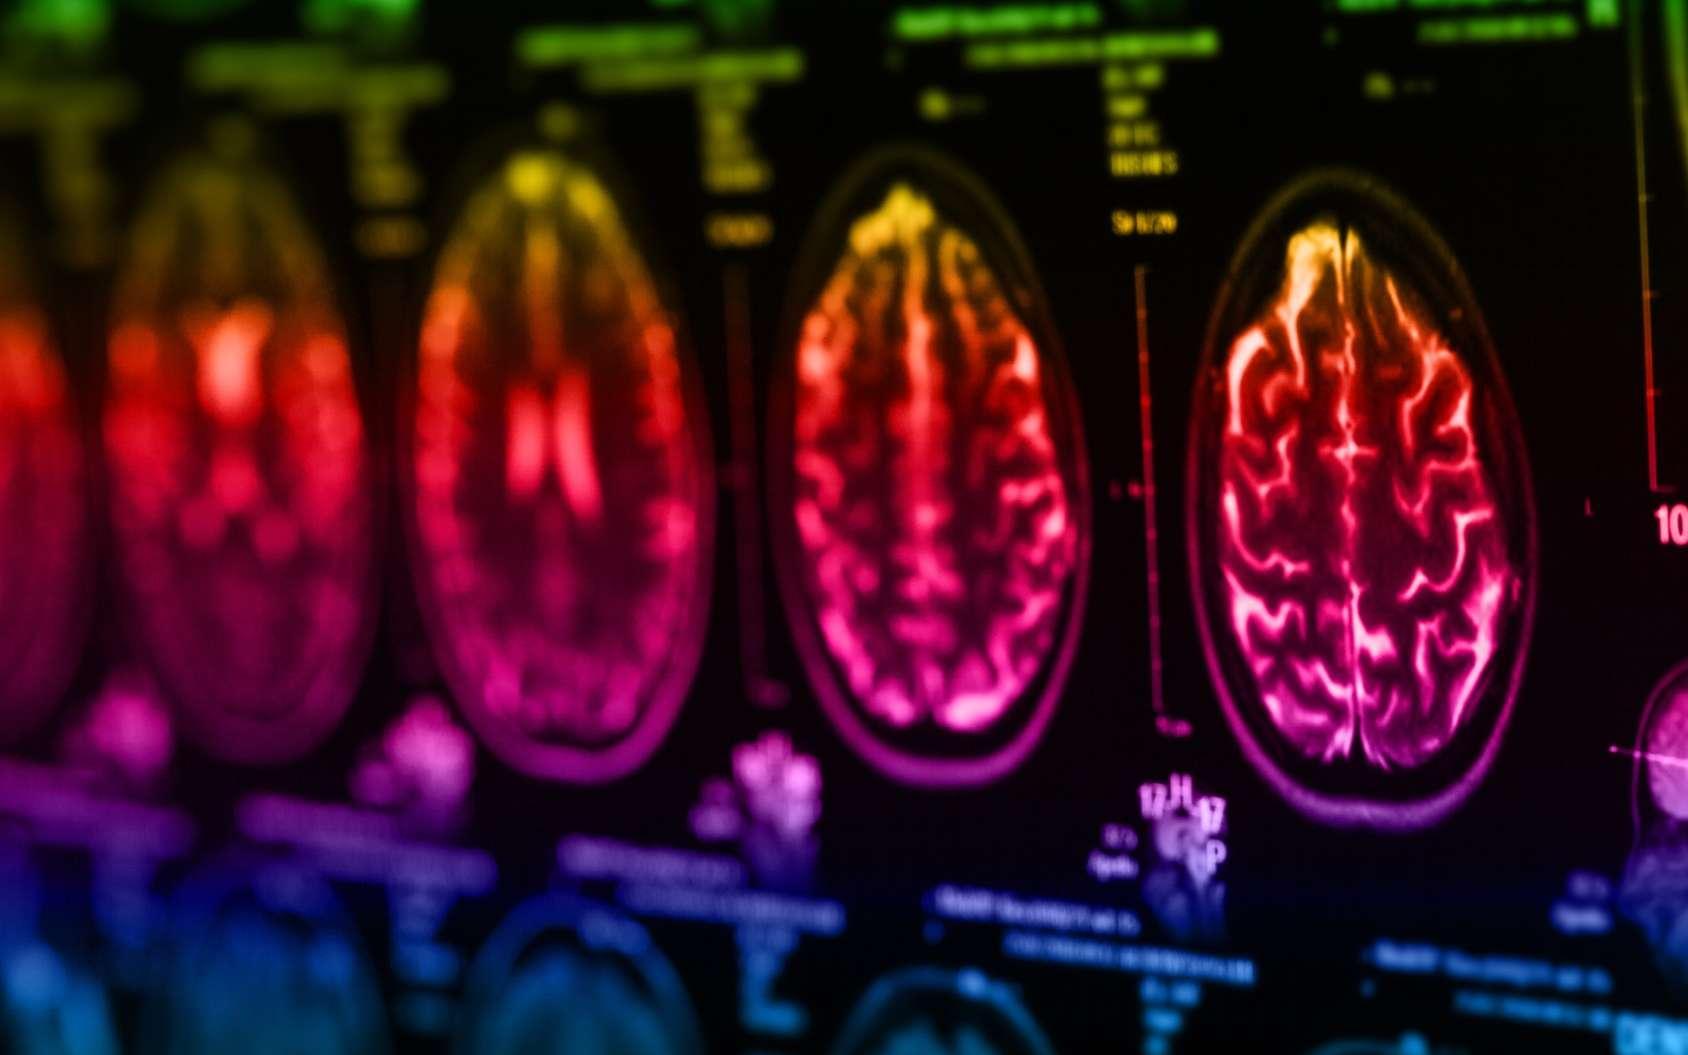 Les gliomes sont les tumeurs cérébrales les plus fréquentes. © merydolla, Fotolia